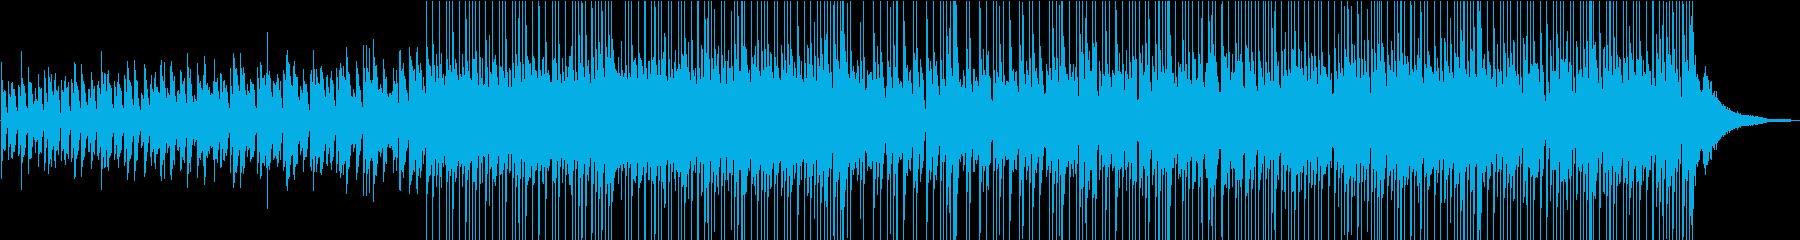 さわやかでオシャレなアニメ風のBGMの再生済みの波形